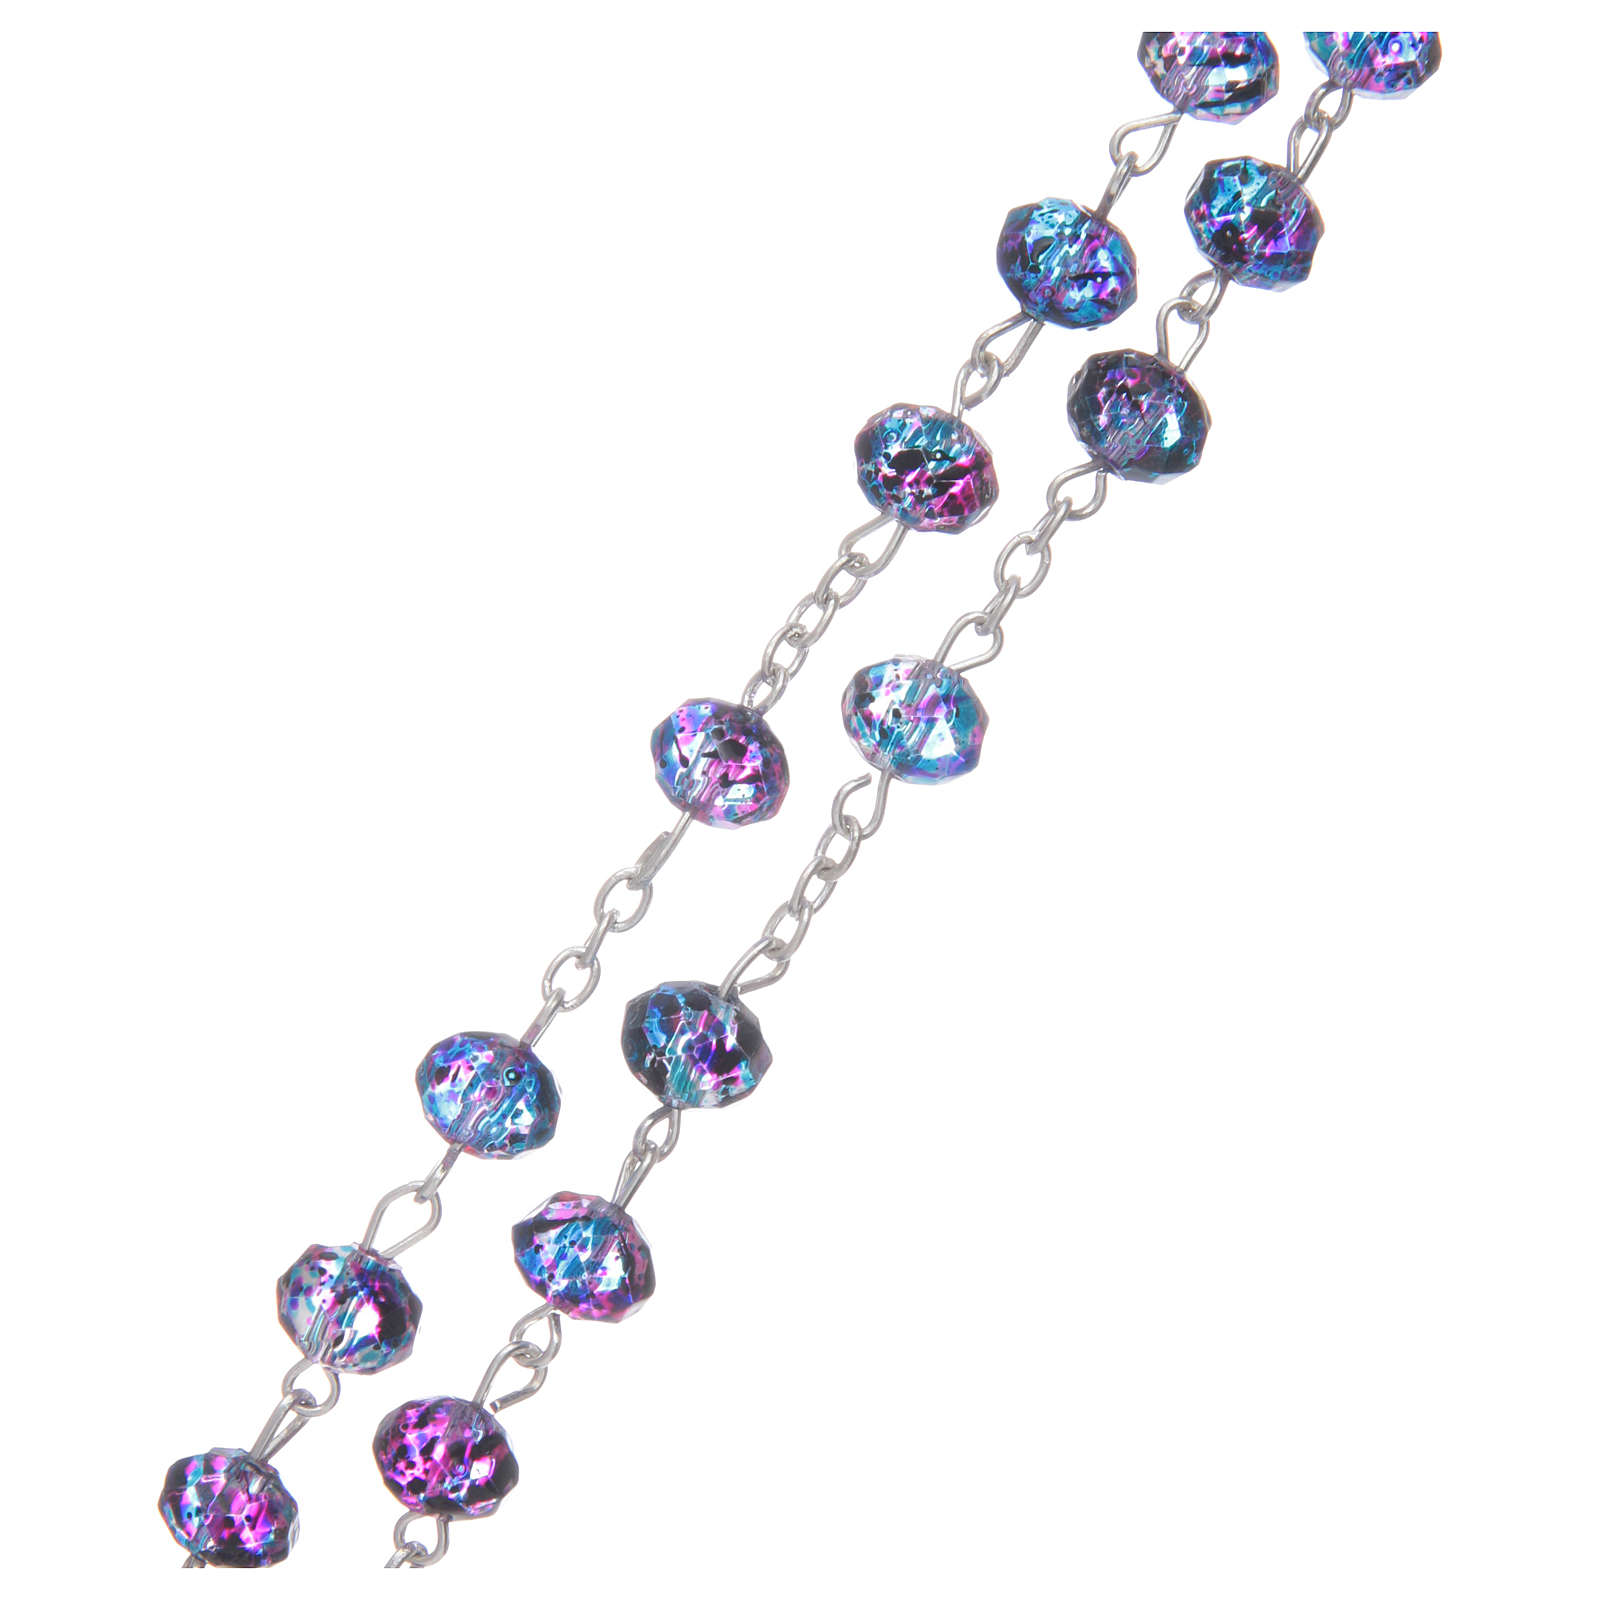 Rosario con cuentas de cristal facetado violeta 4